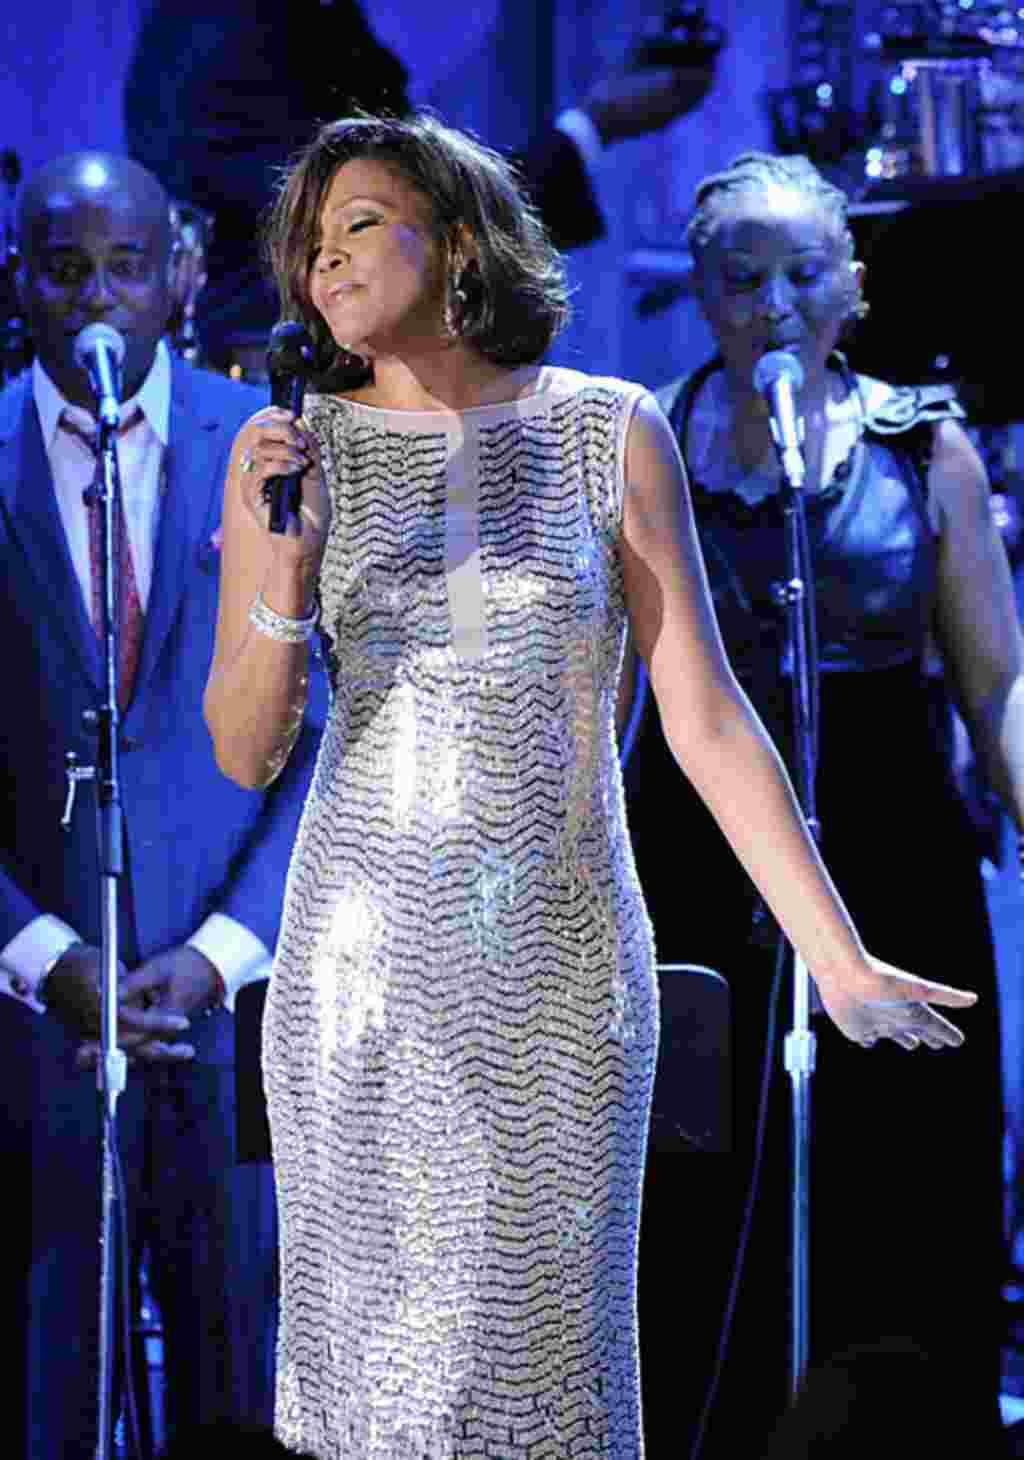 Medios de prensa especulan que la Whitney Houston se quedó dormida por los efectos de un calmante. La causa de muerte no ha sido confirmada.